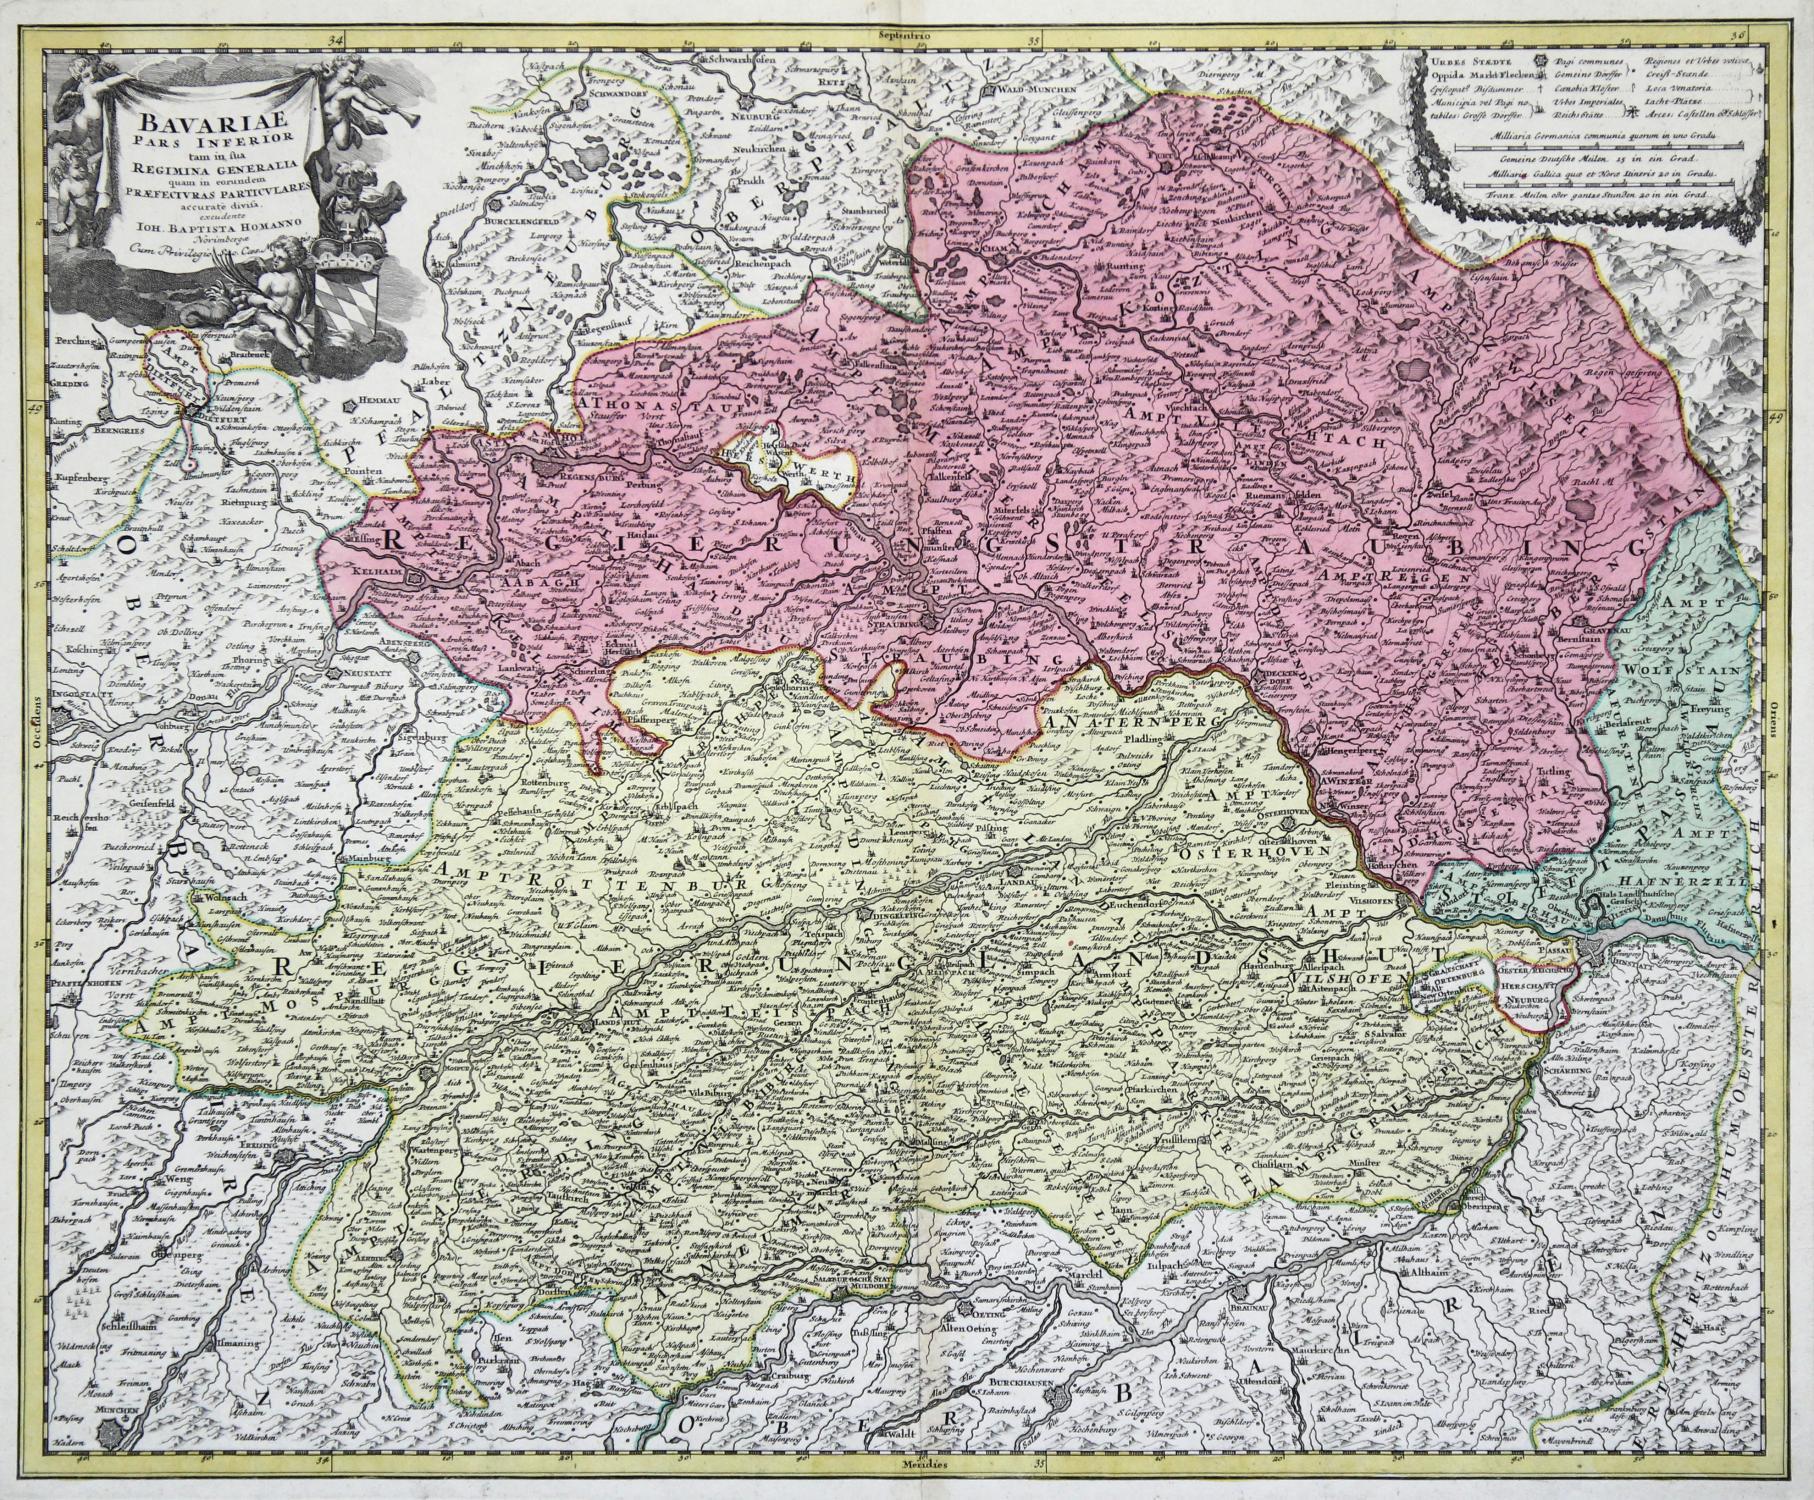 Kupferstich Karte B J B Homann Bavariae Pars Inferior